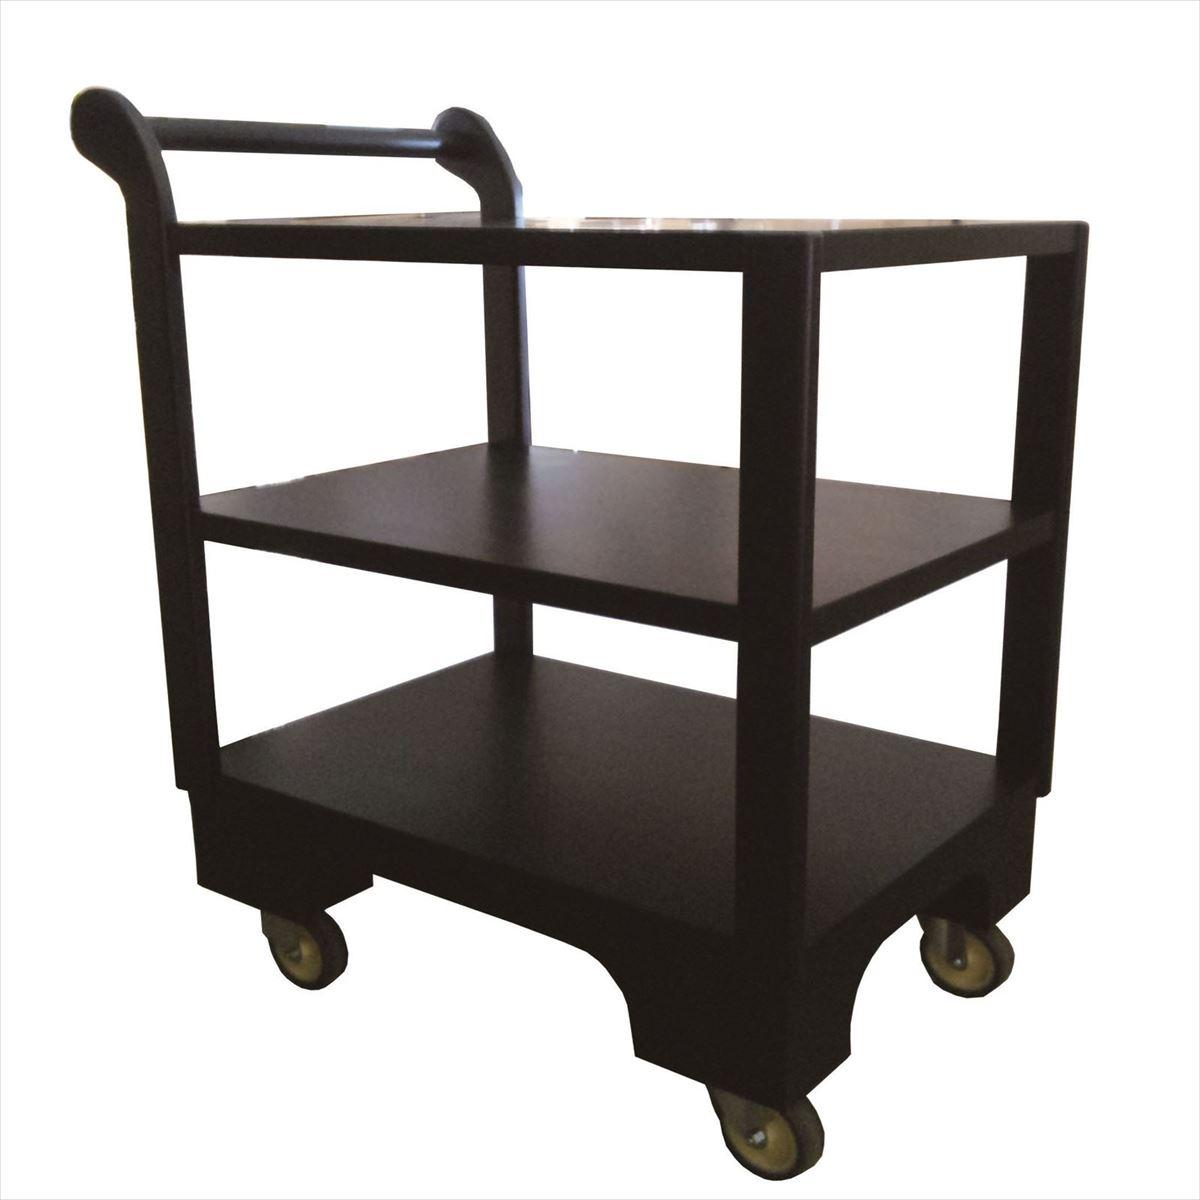 和風サービスワゴン45×86×81cm【旅館】【ホテル】【飲食店】【料亭】マホガニー使用キッチンワゴン車輪が大きいので畳の上でも安定して配膳ができます。